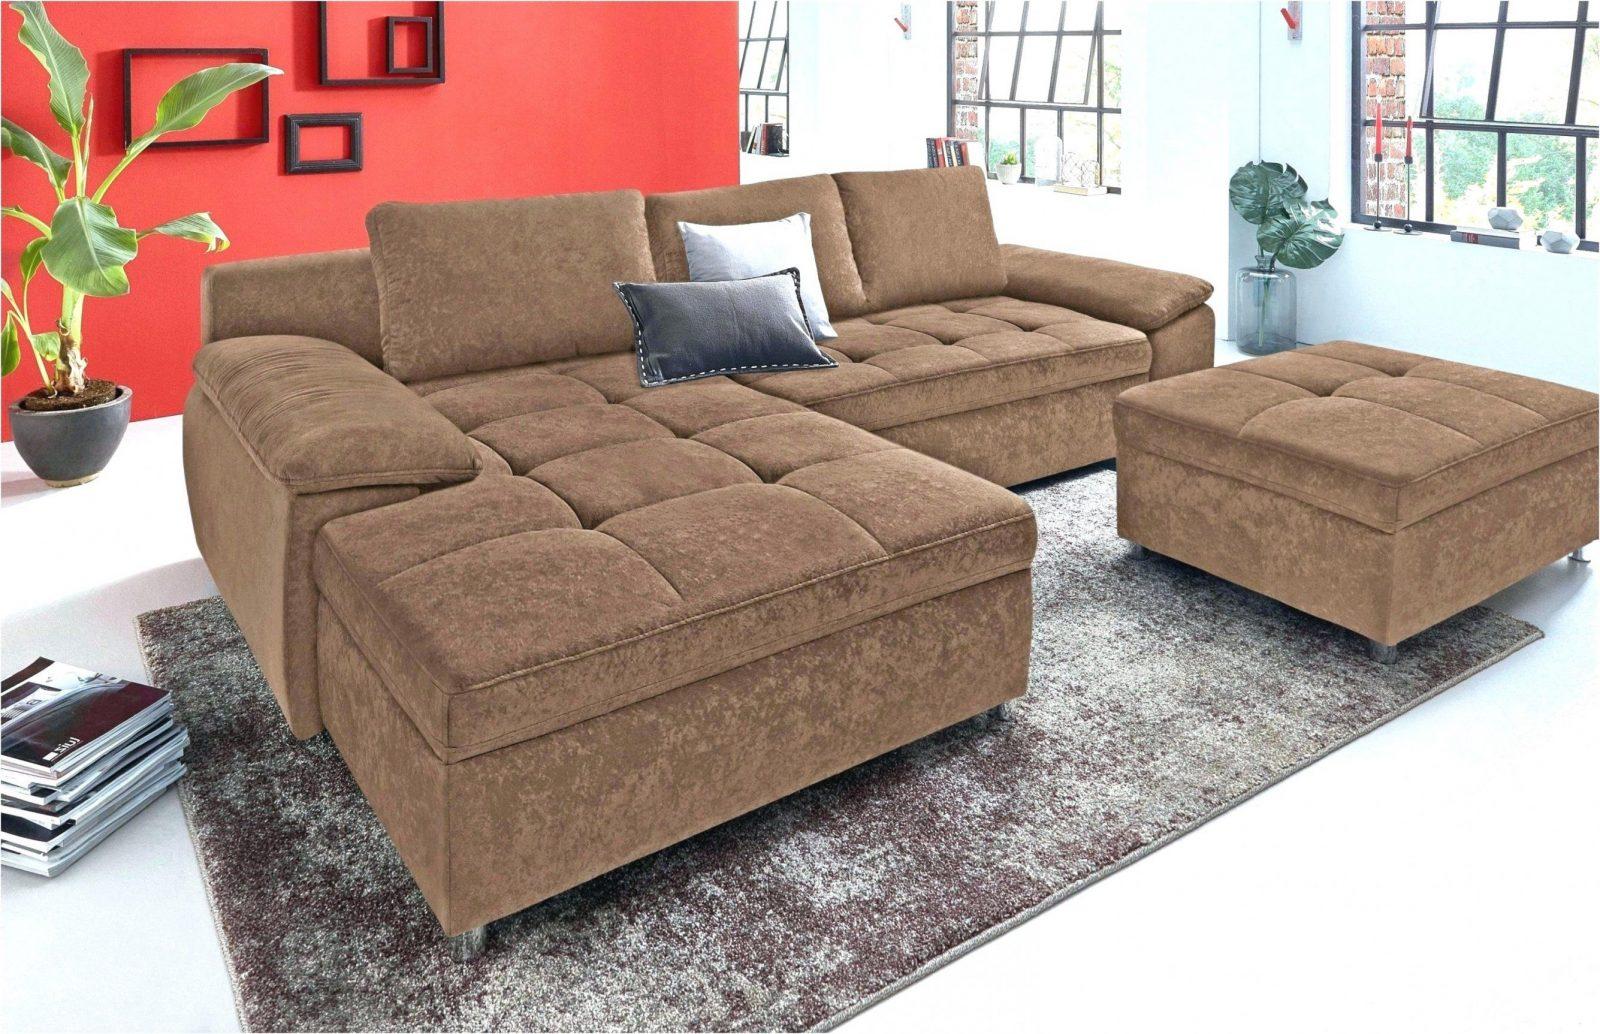 Beste Extraordinary Ideas Otto Big Sofa Home Ideas Für Couch Big von Otto Big Sofa Mit Bettfunktion Bild